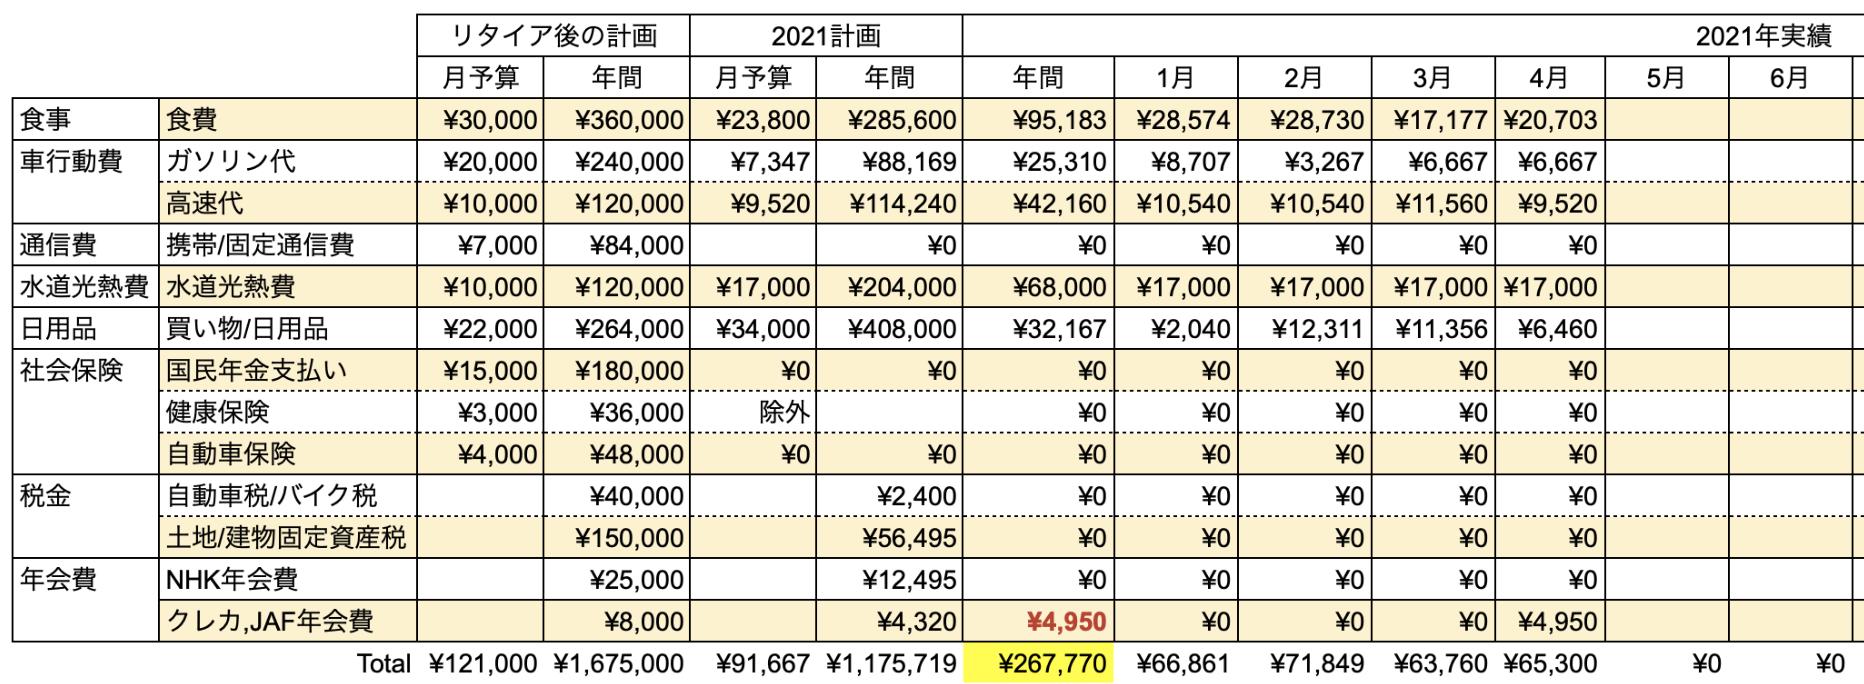 支出実績2021年4月_生活費